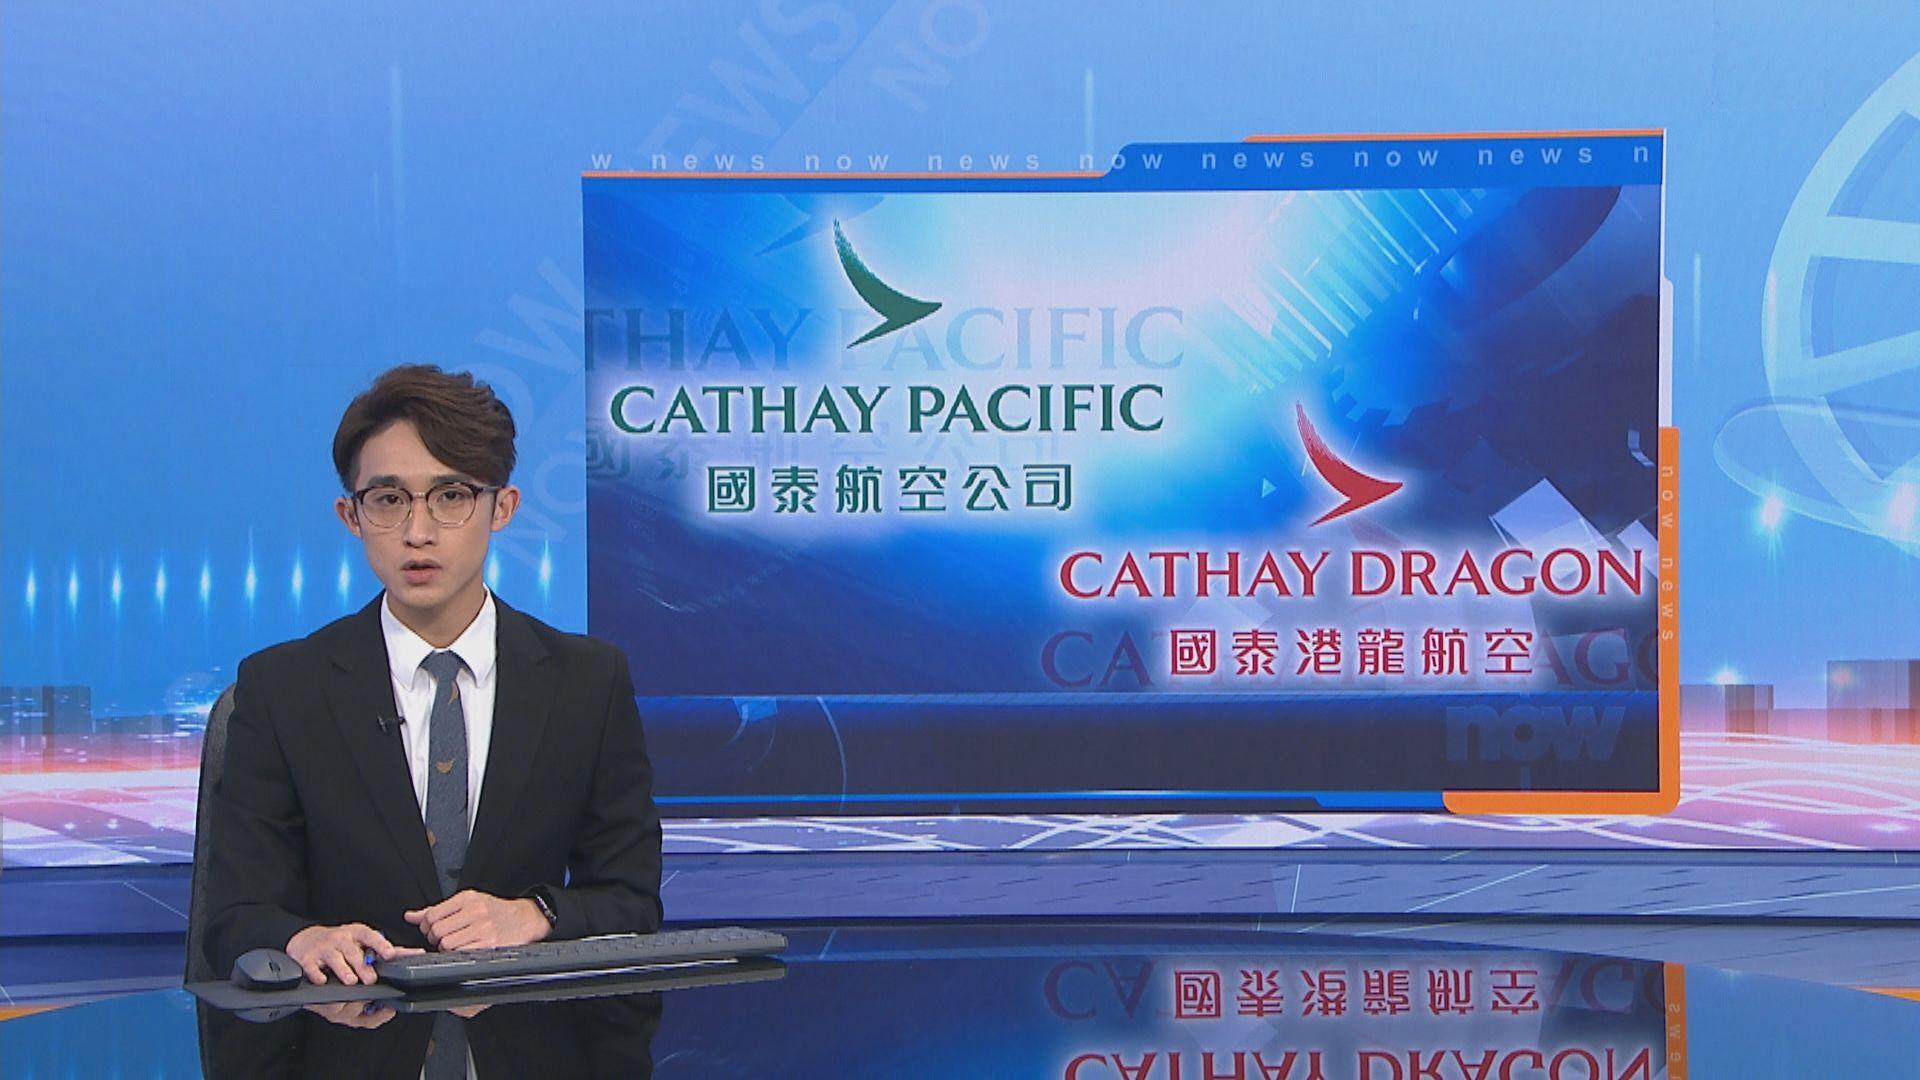 國泰周三起停飛廣州及重慶航班